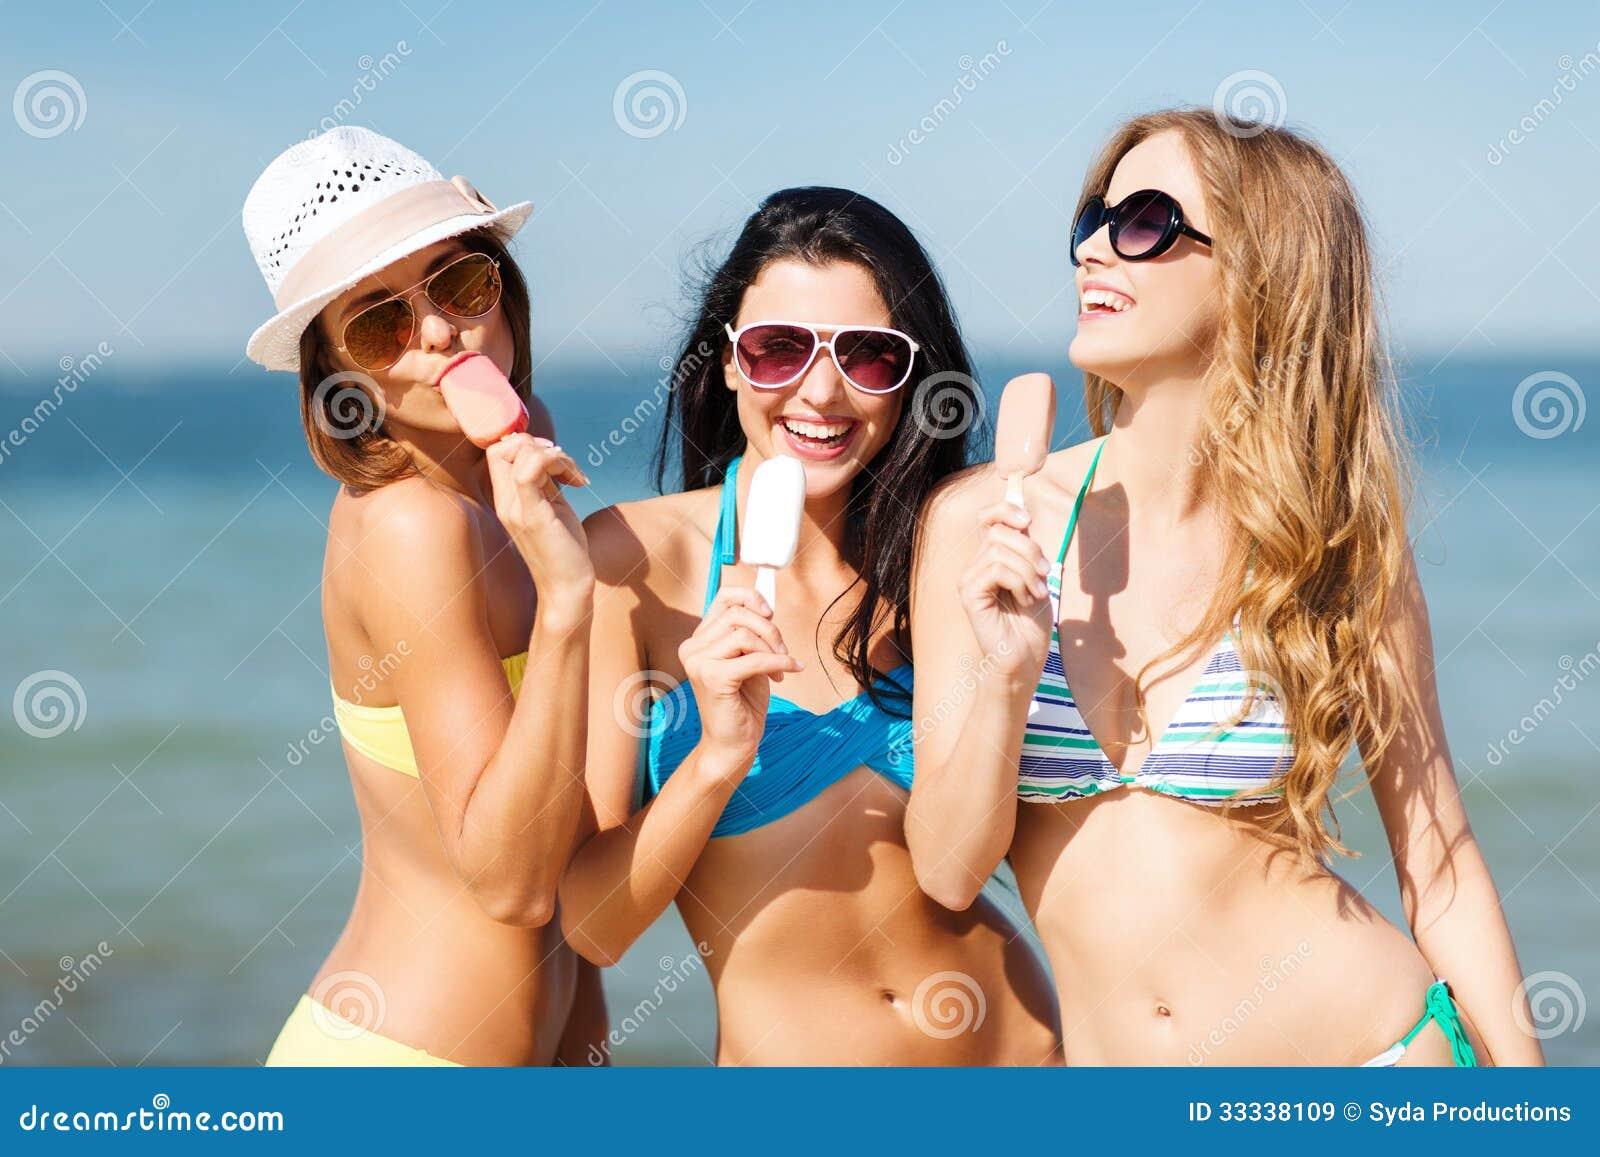 Muchachas En Bikini Con Helado En La Playa Imagen De Archivo